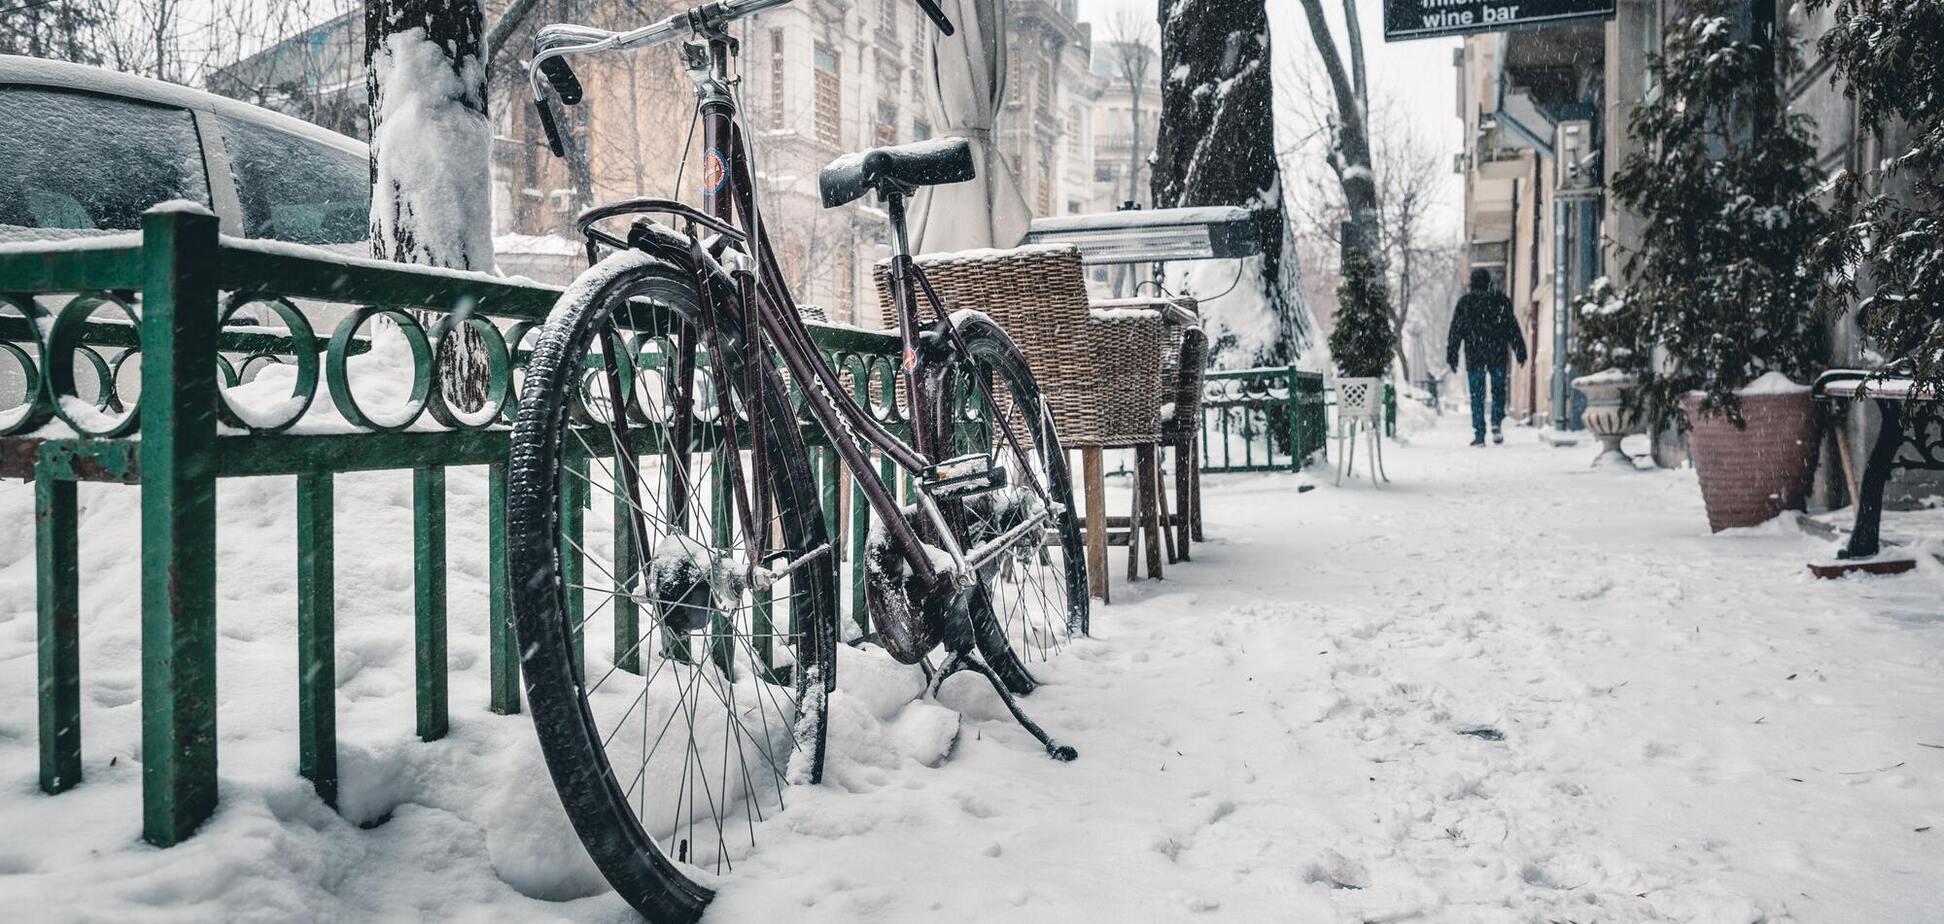 24 февраля праздник: какие приметы на Власьев день и именинники